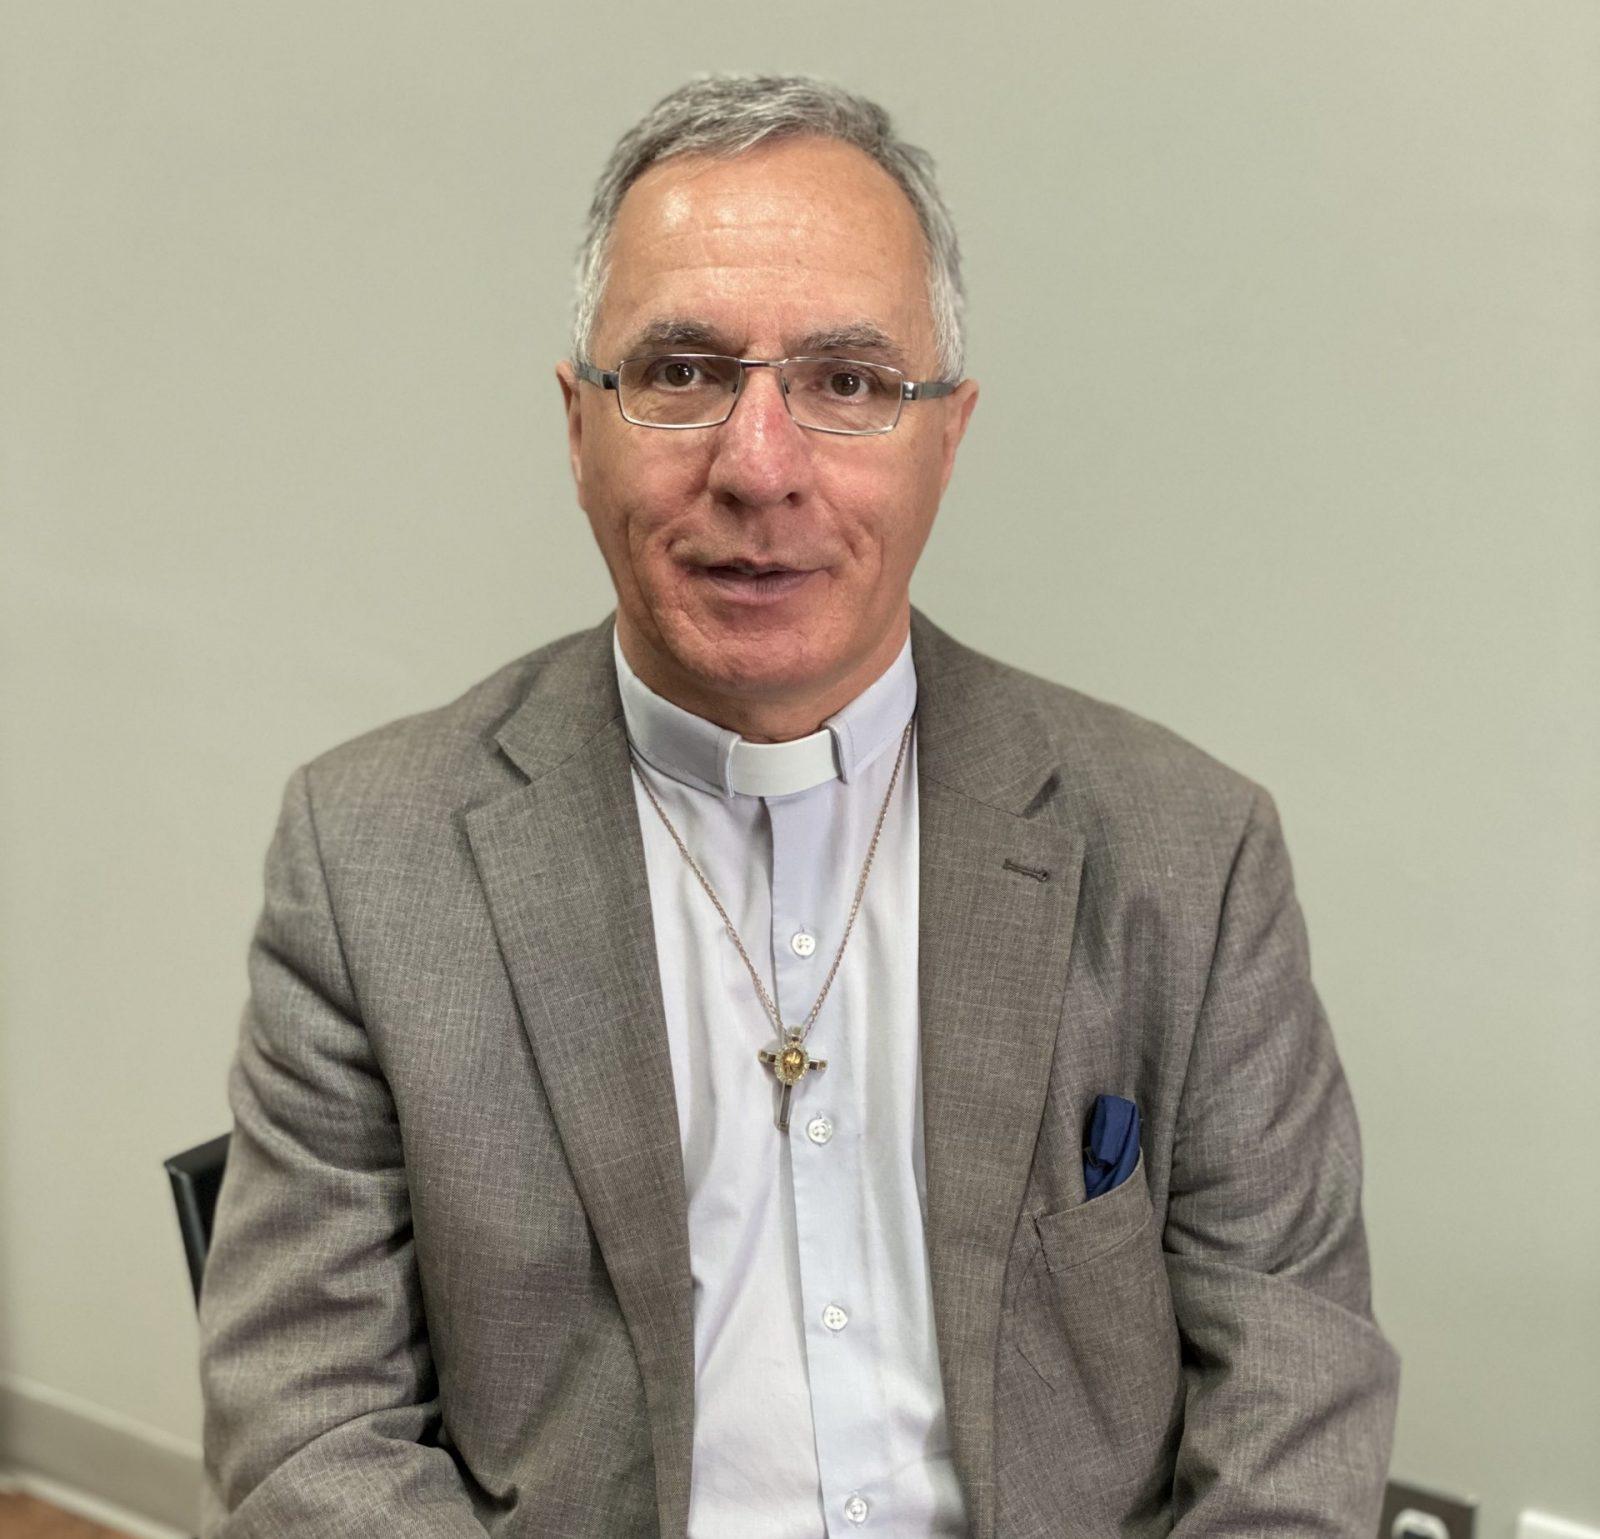 Le curé Irénée Girard transféré à Sept-Îles